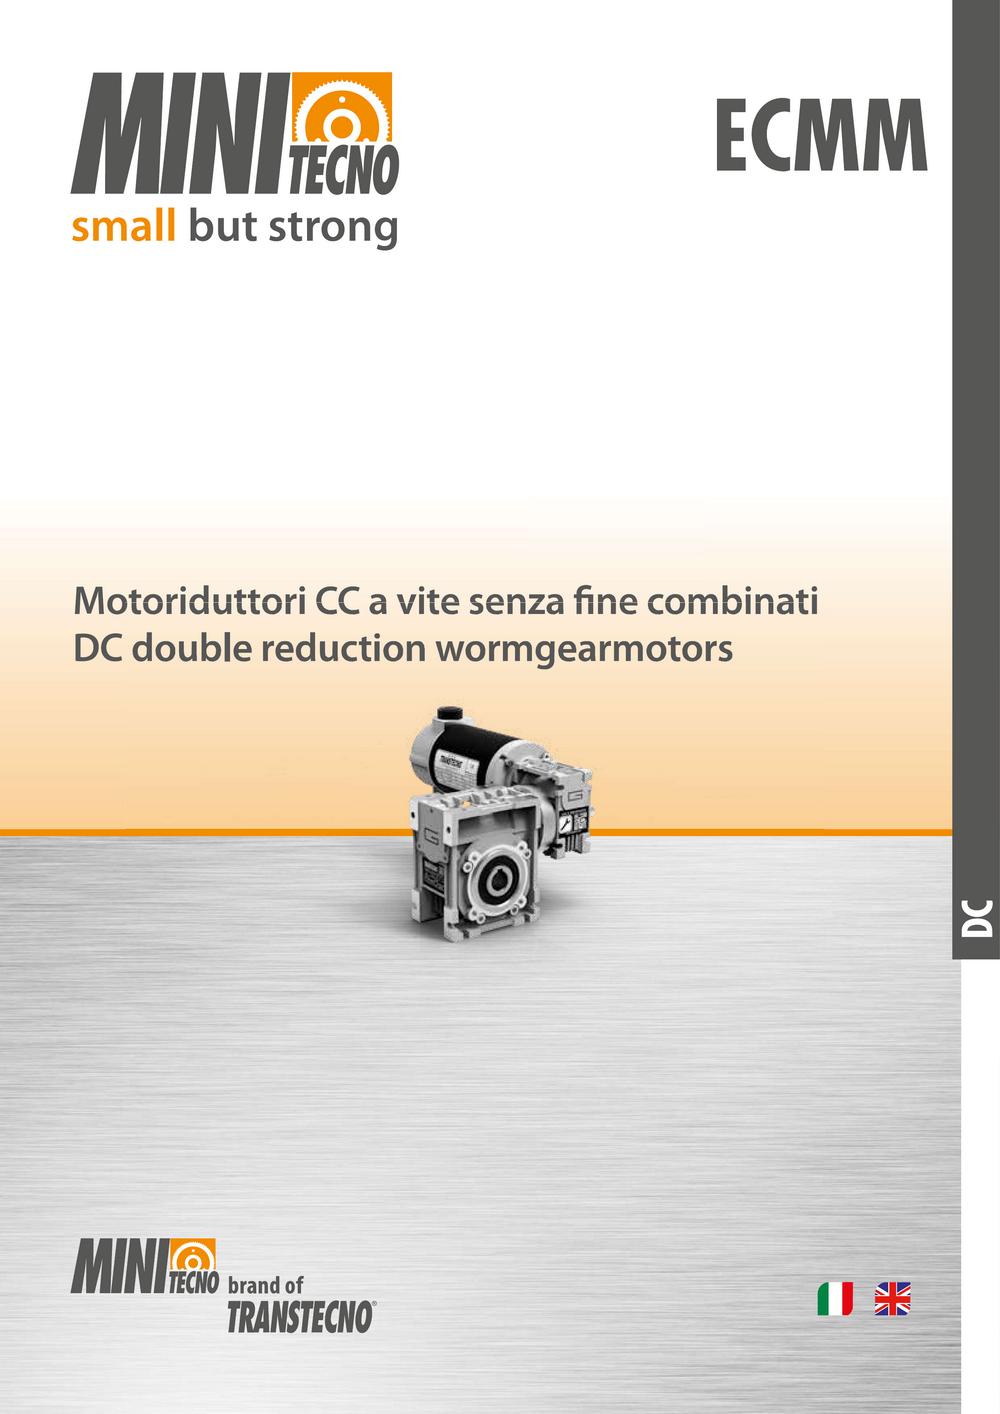 Двухступенчатые мотор-редукторы серии ECMM с двигателем постоянного тока.